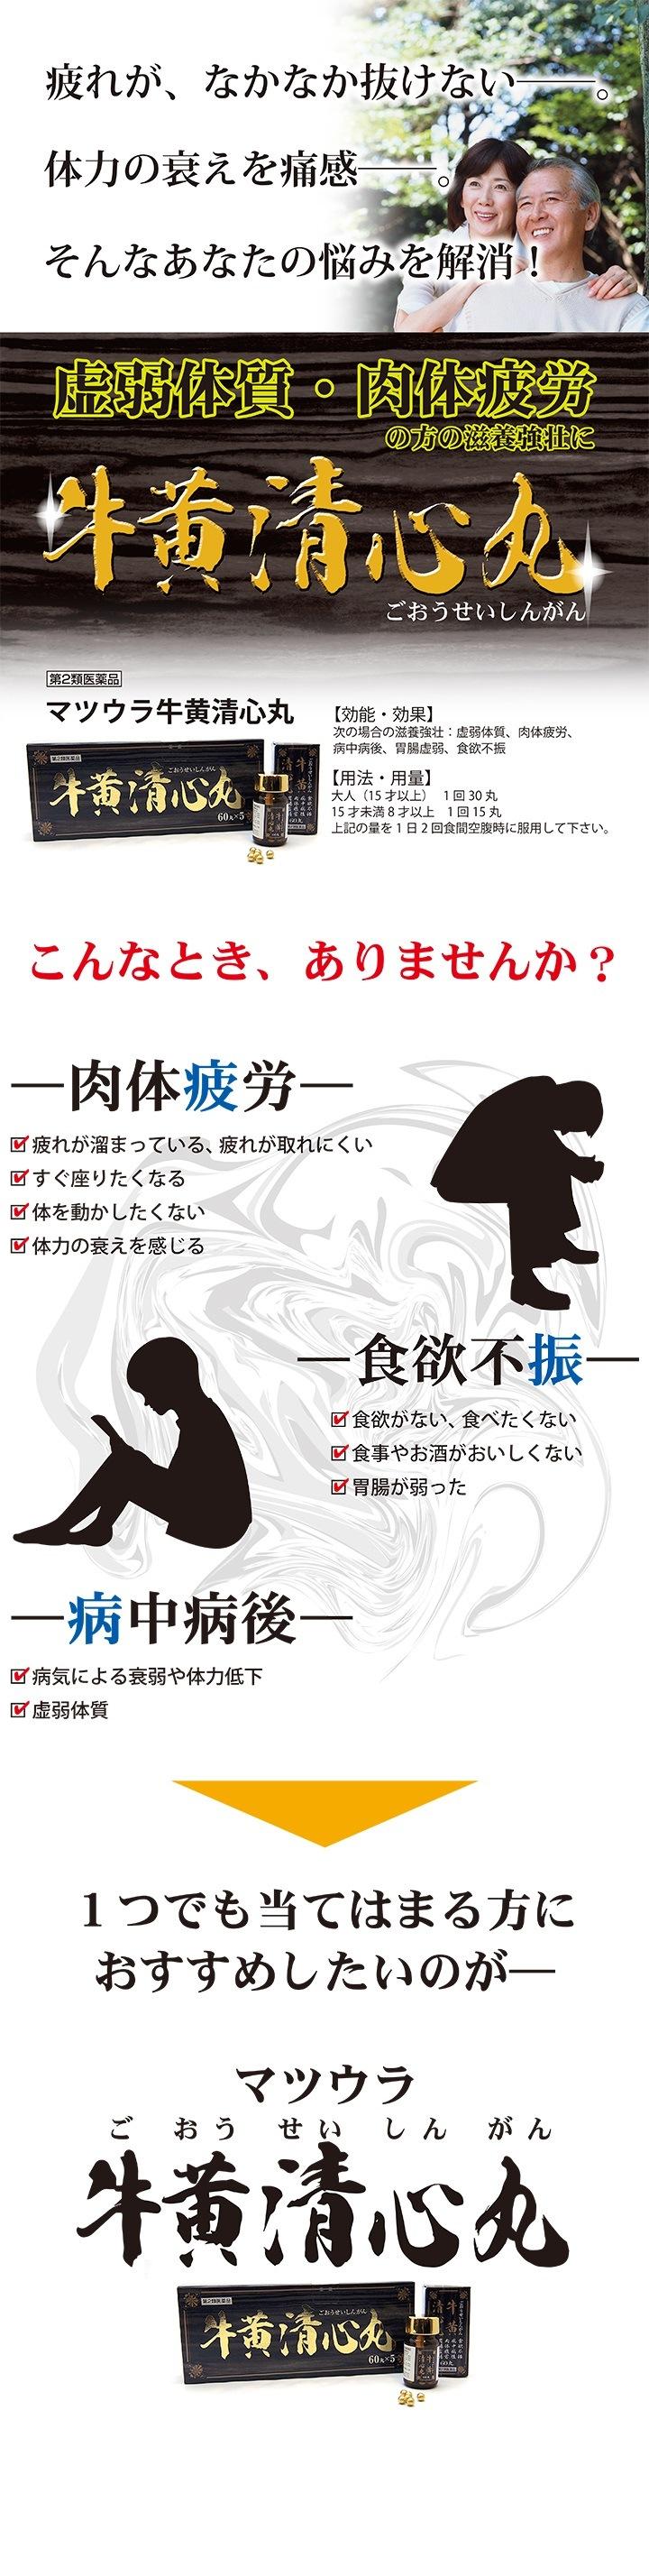 牛黄清心丸マツウラ松浦薬業